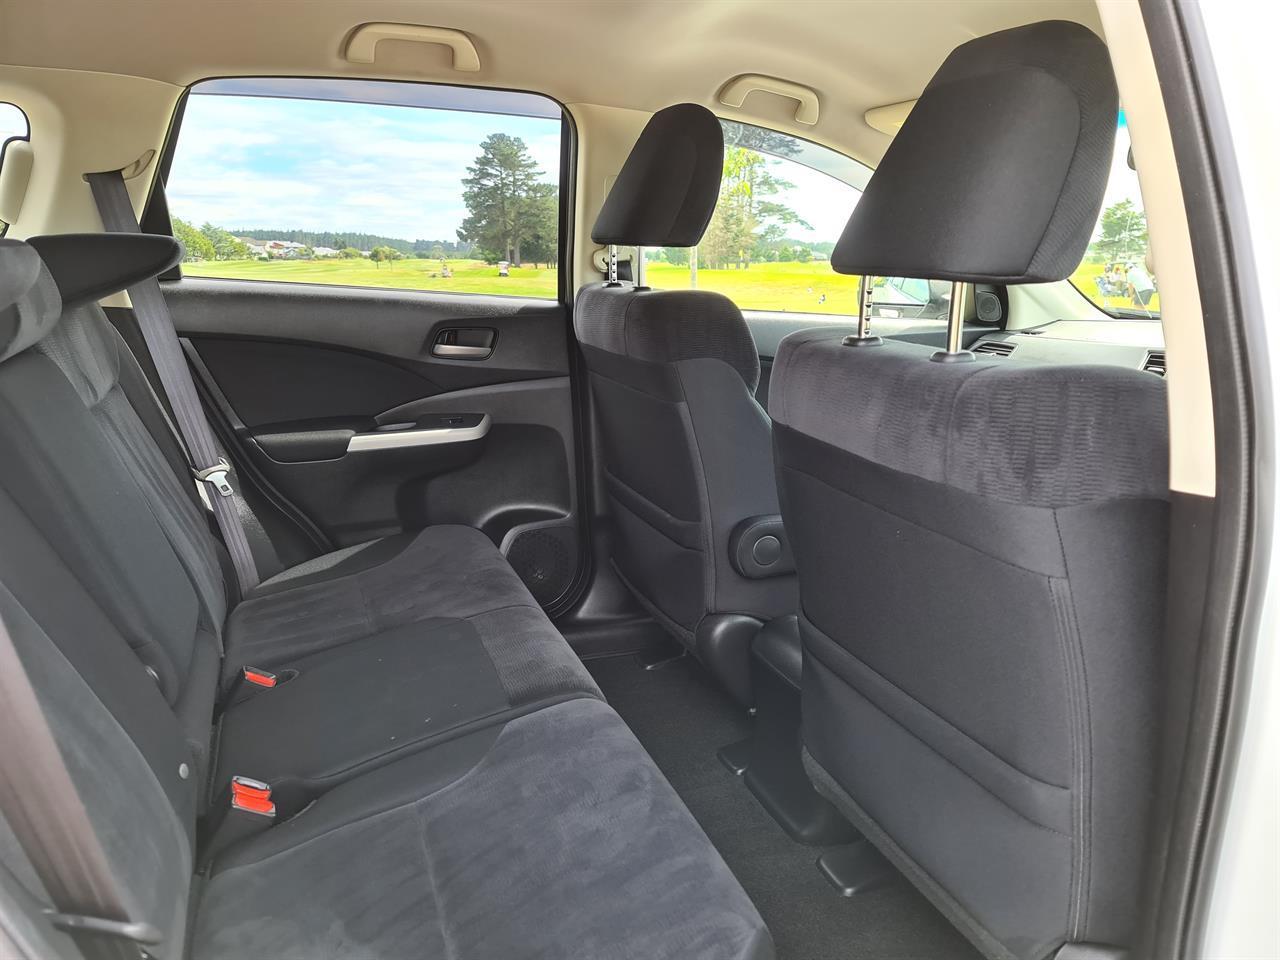 image-8, 2012 Honda CR-V 20G at Christchurch